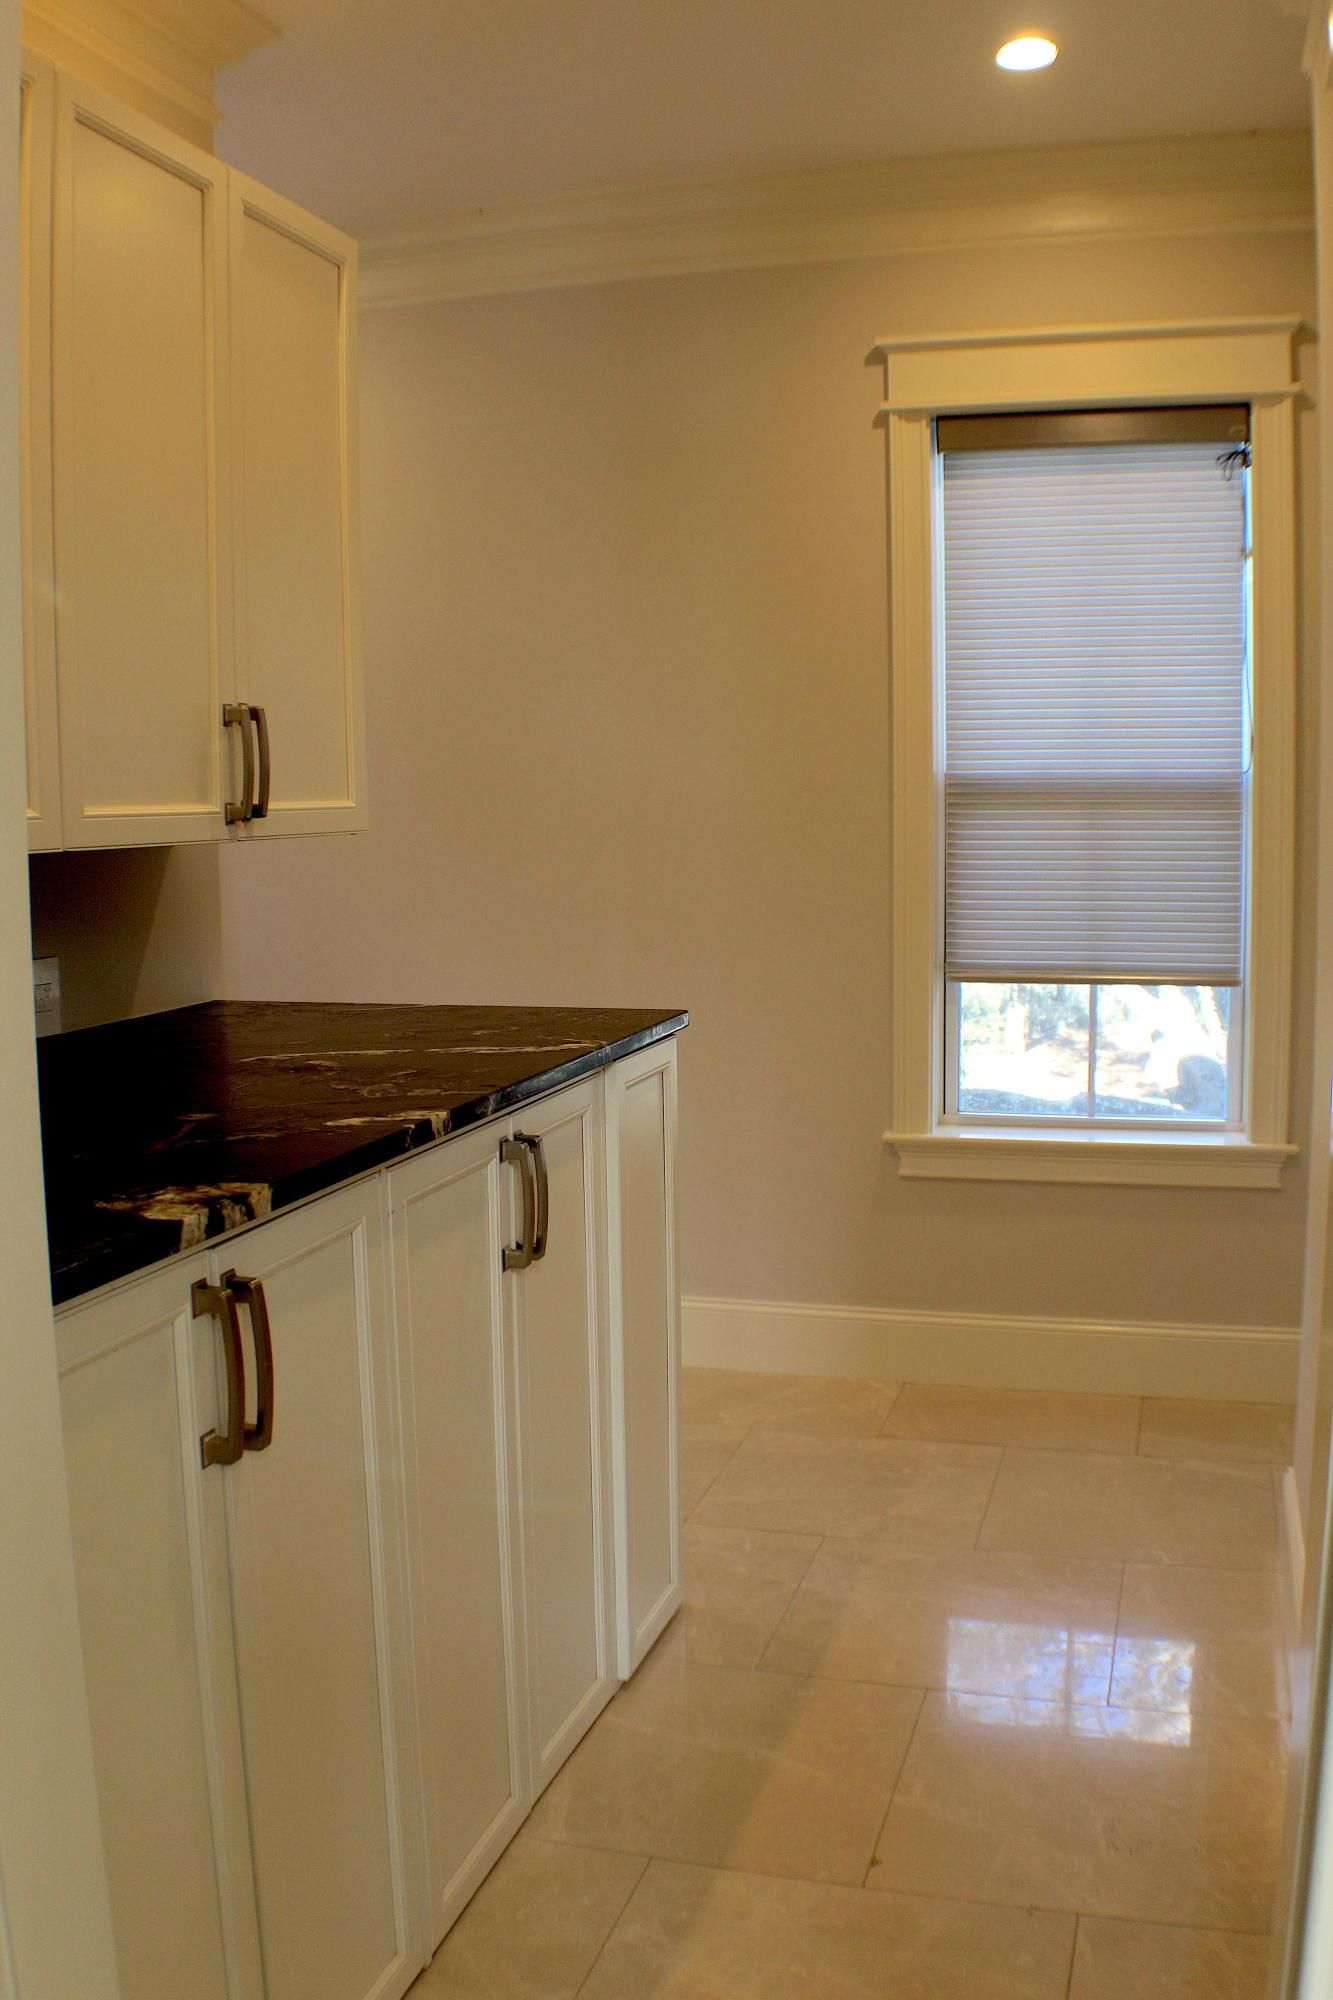 Cedar Point Homes For Sale - 674 Cedar Point, Charleston, SC - 0